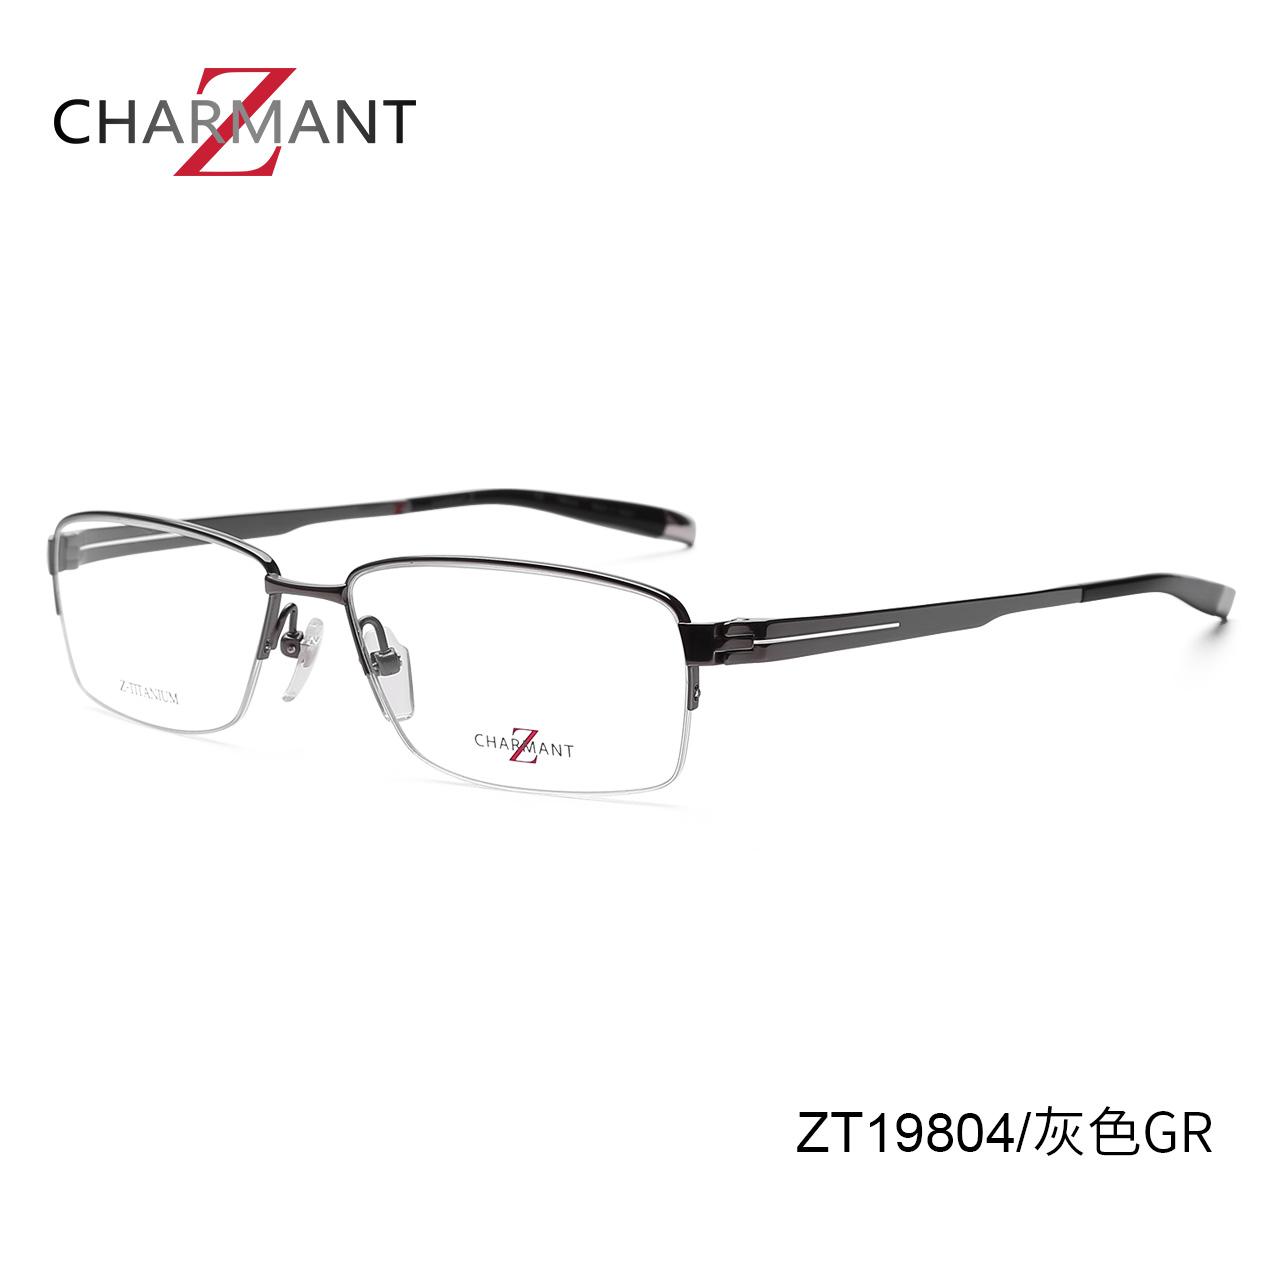 Charmant夏蒙商务眼镜框 Z钛光学眼镜架 男款半框近视眼镜ZT19804